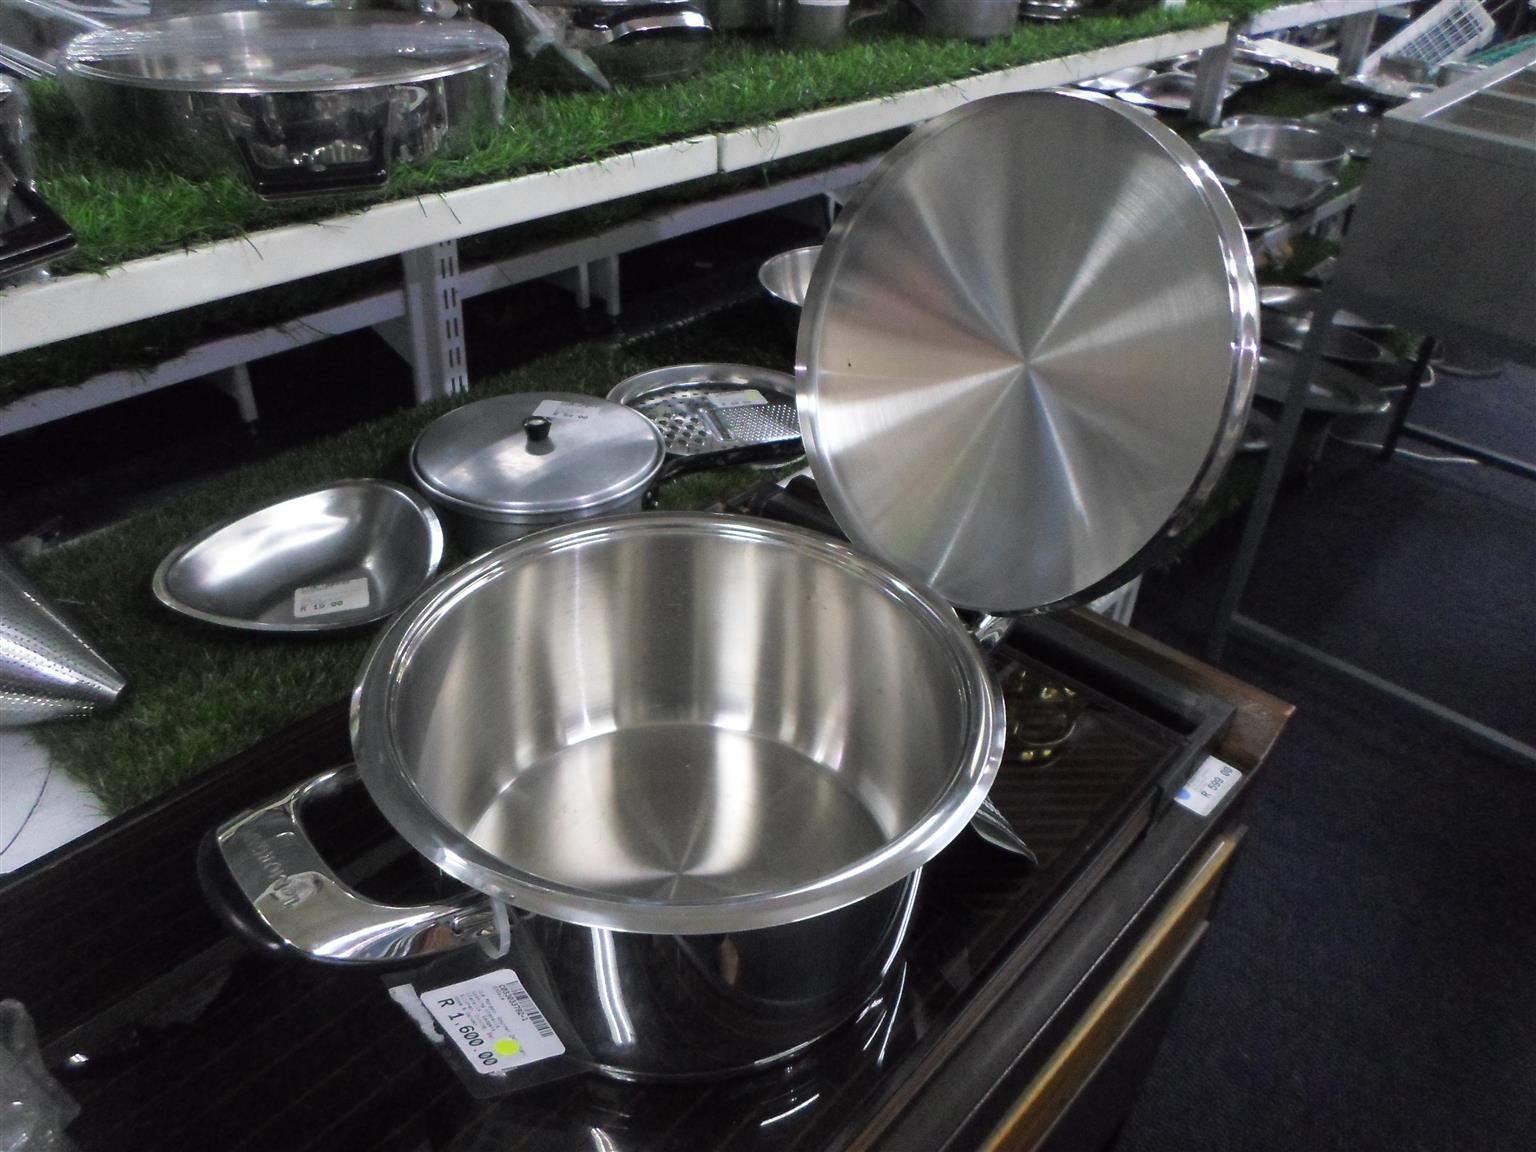 Le Morgan Gourmet 24cm Pot